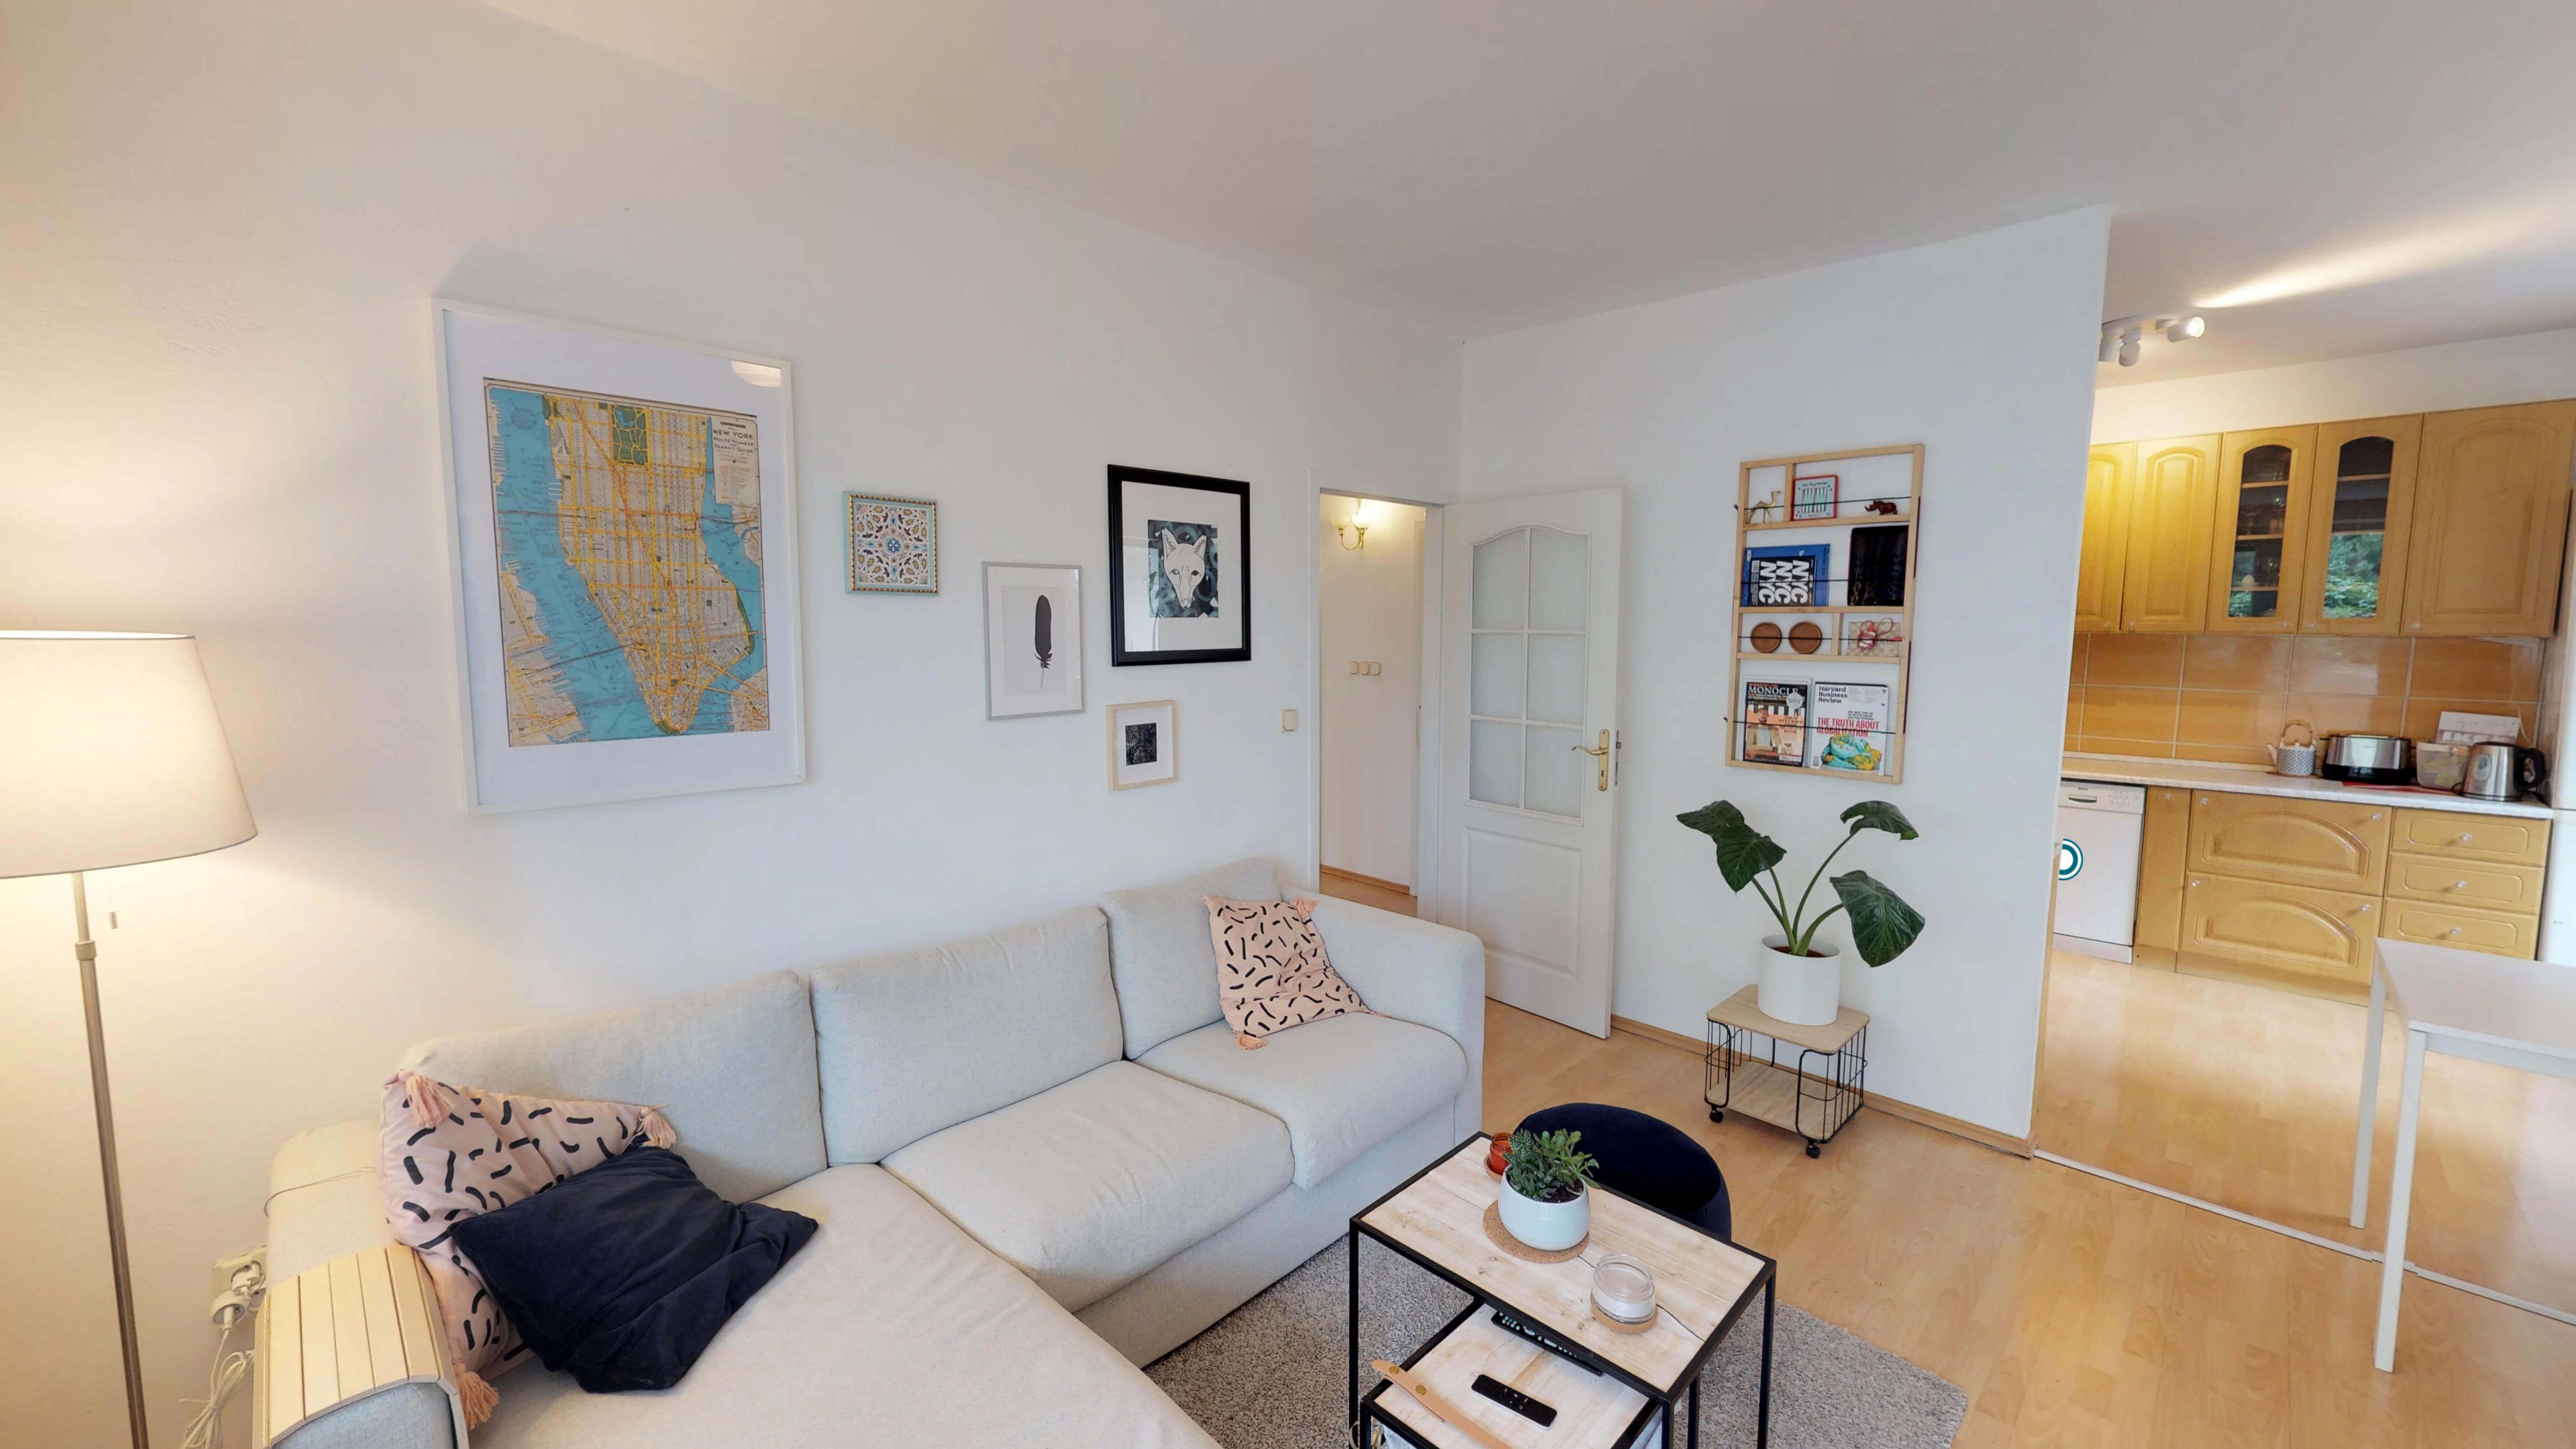 Predané Predaj exkluzívneho 3 izb. bytu,v Ružinove, ulica Palkovičová, blízko Trhoviska Miletičky v Bratislave, 68m2, kompletne zariadený-0